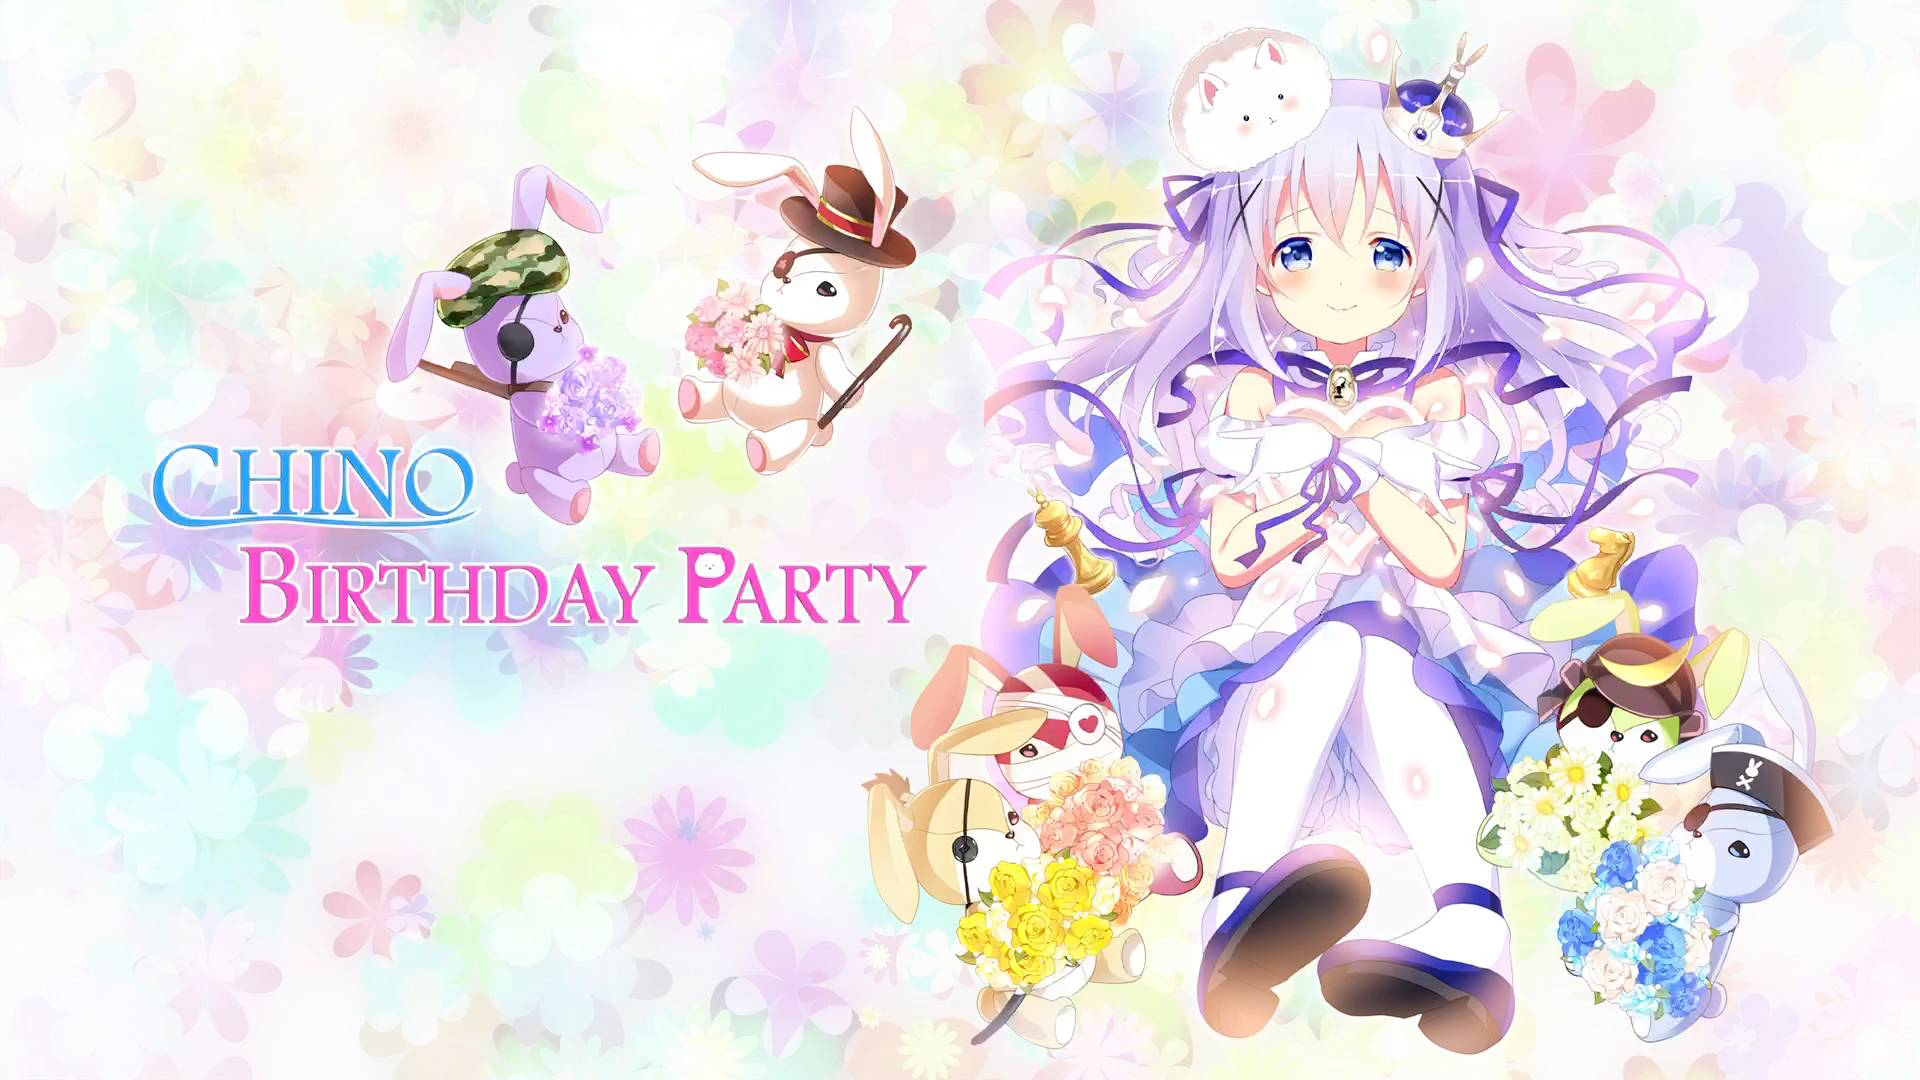 【请问您今天要来点兔子吗??】CHINO BIRTHDAY PARTY(生肉)